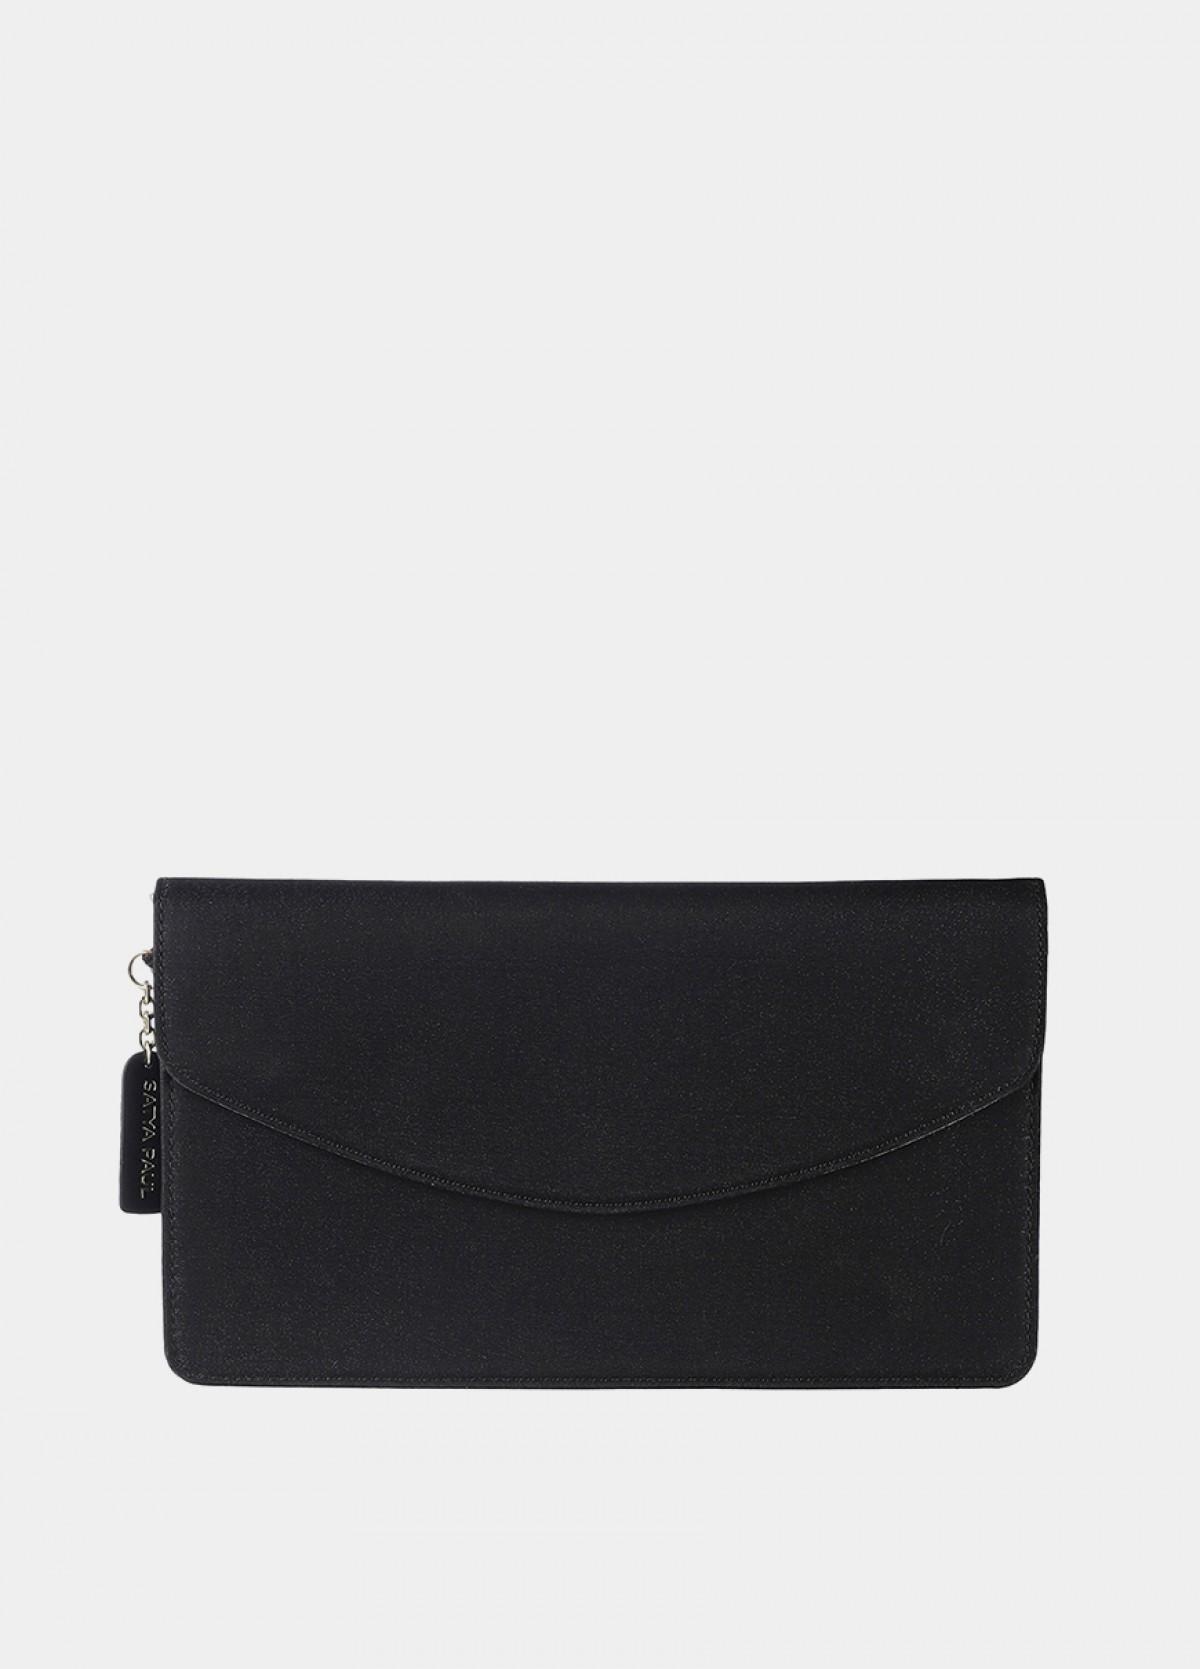 The Black Embellished Envelope Clutch